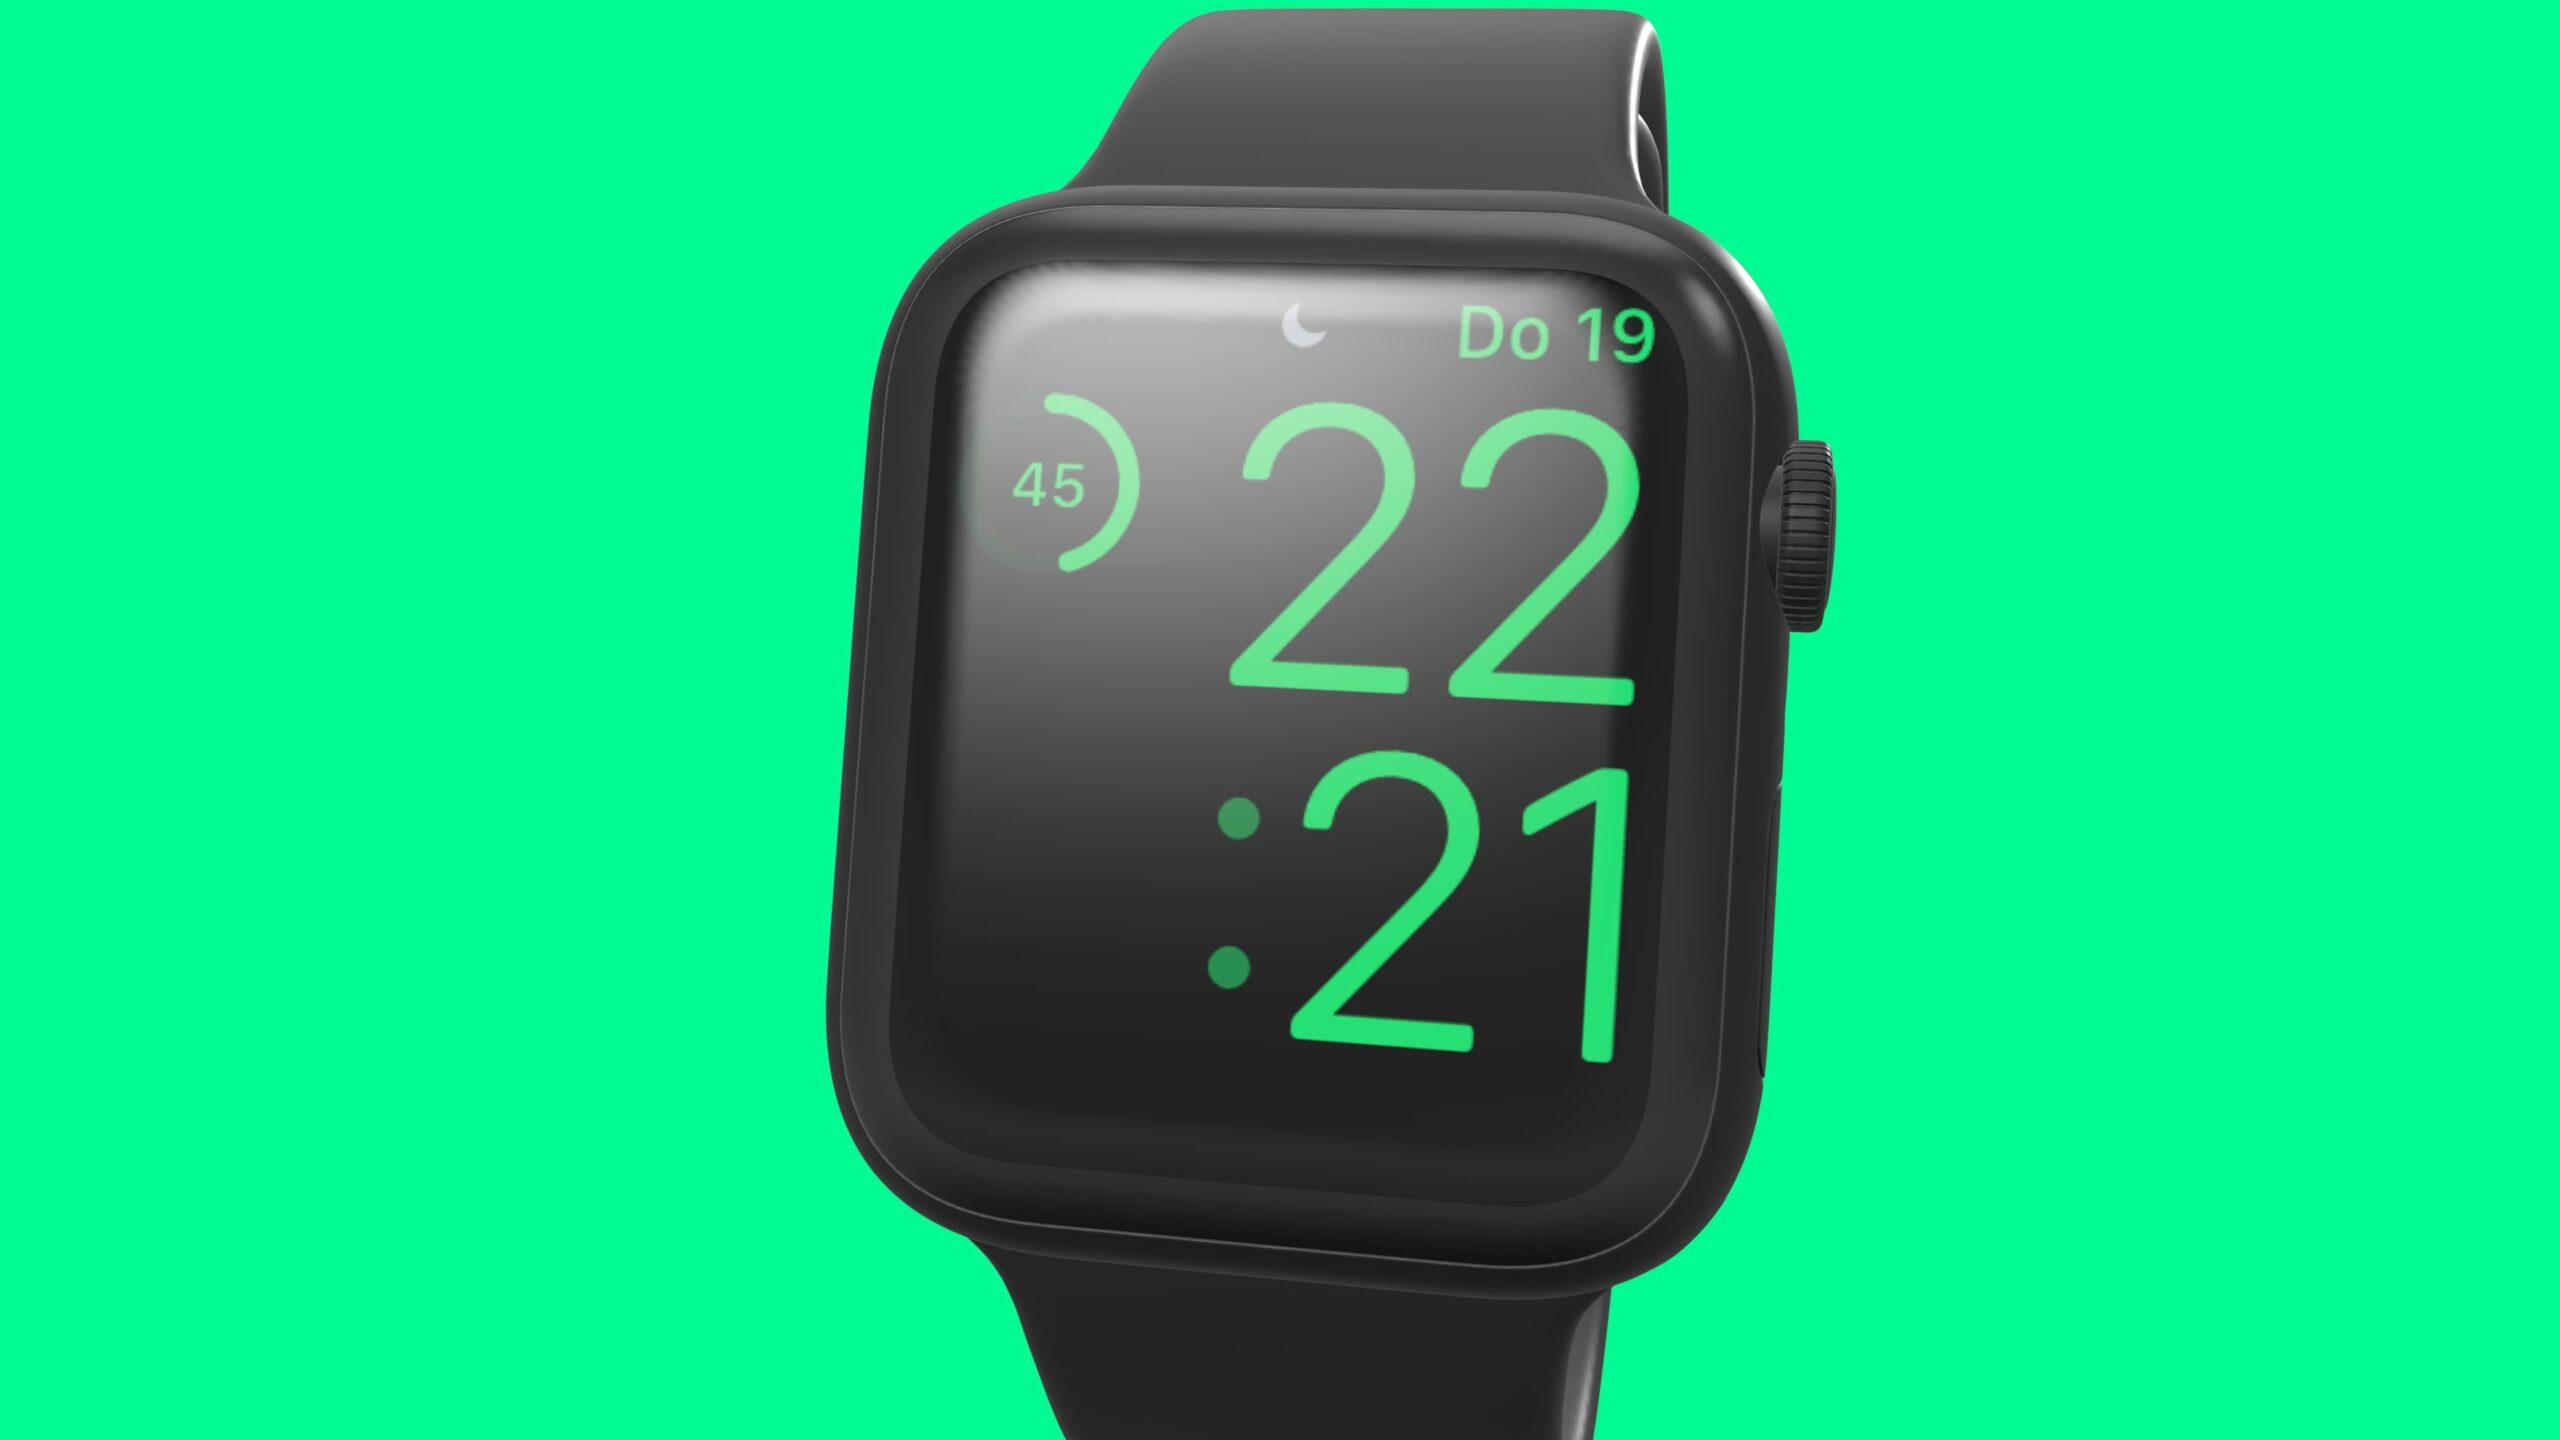 Apple Watch batterij status